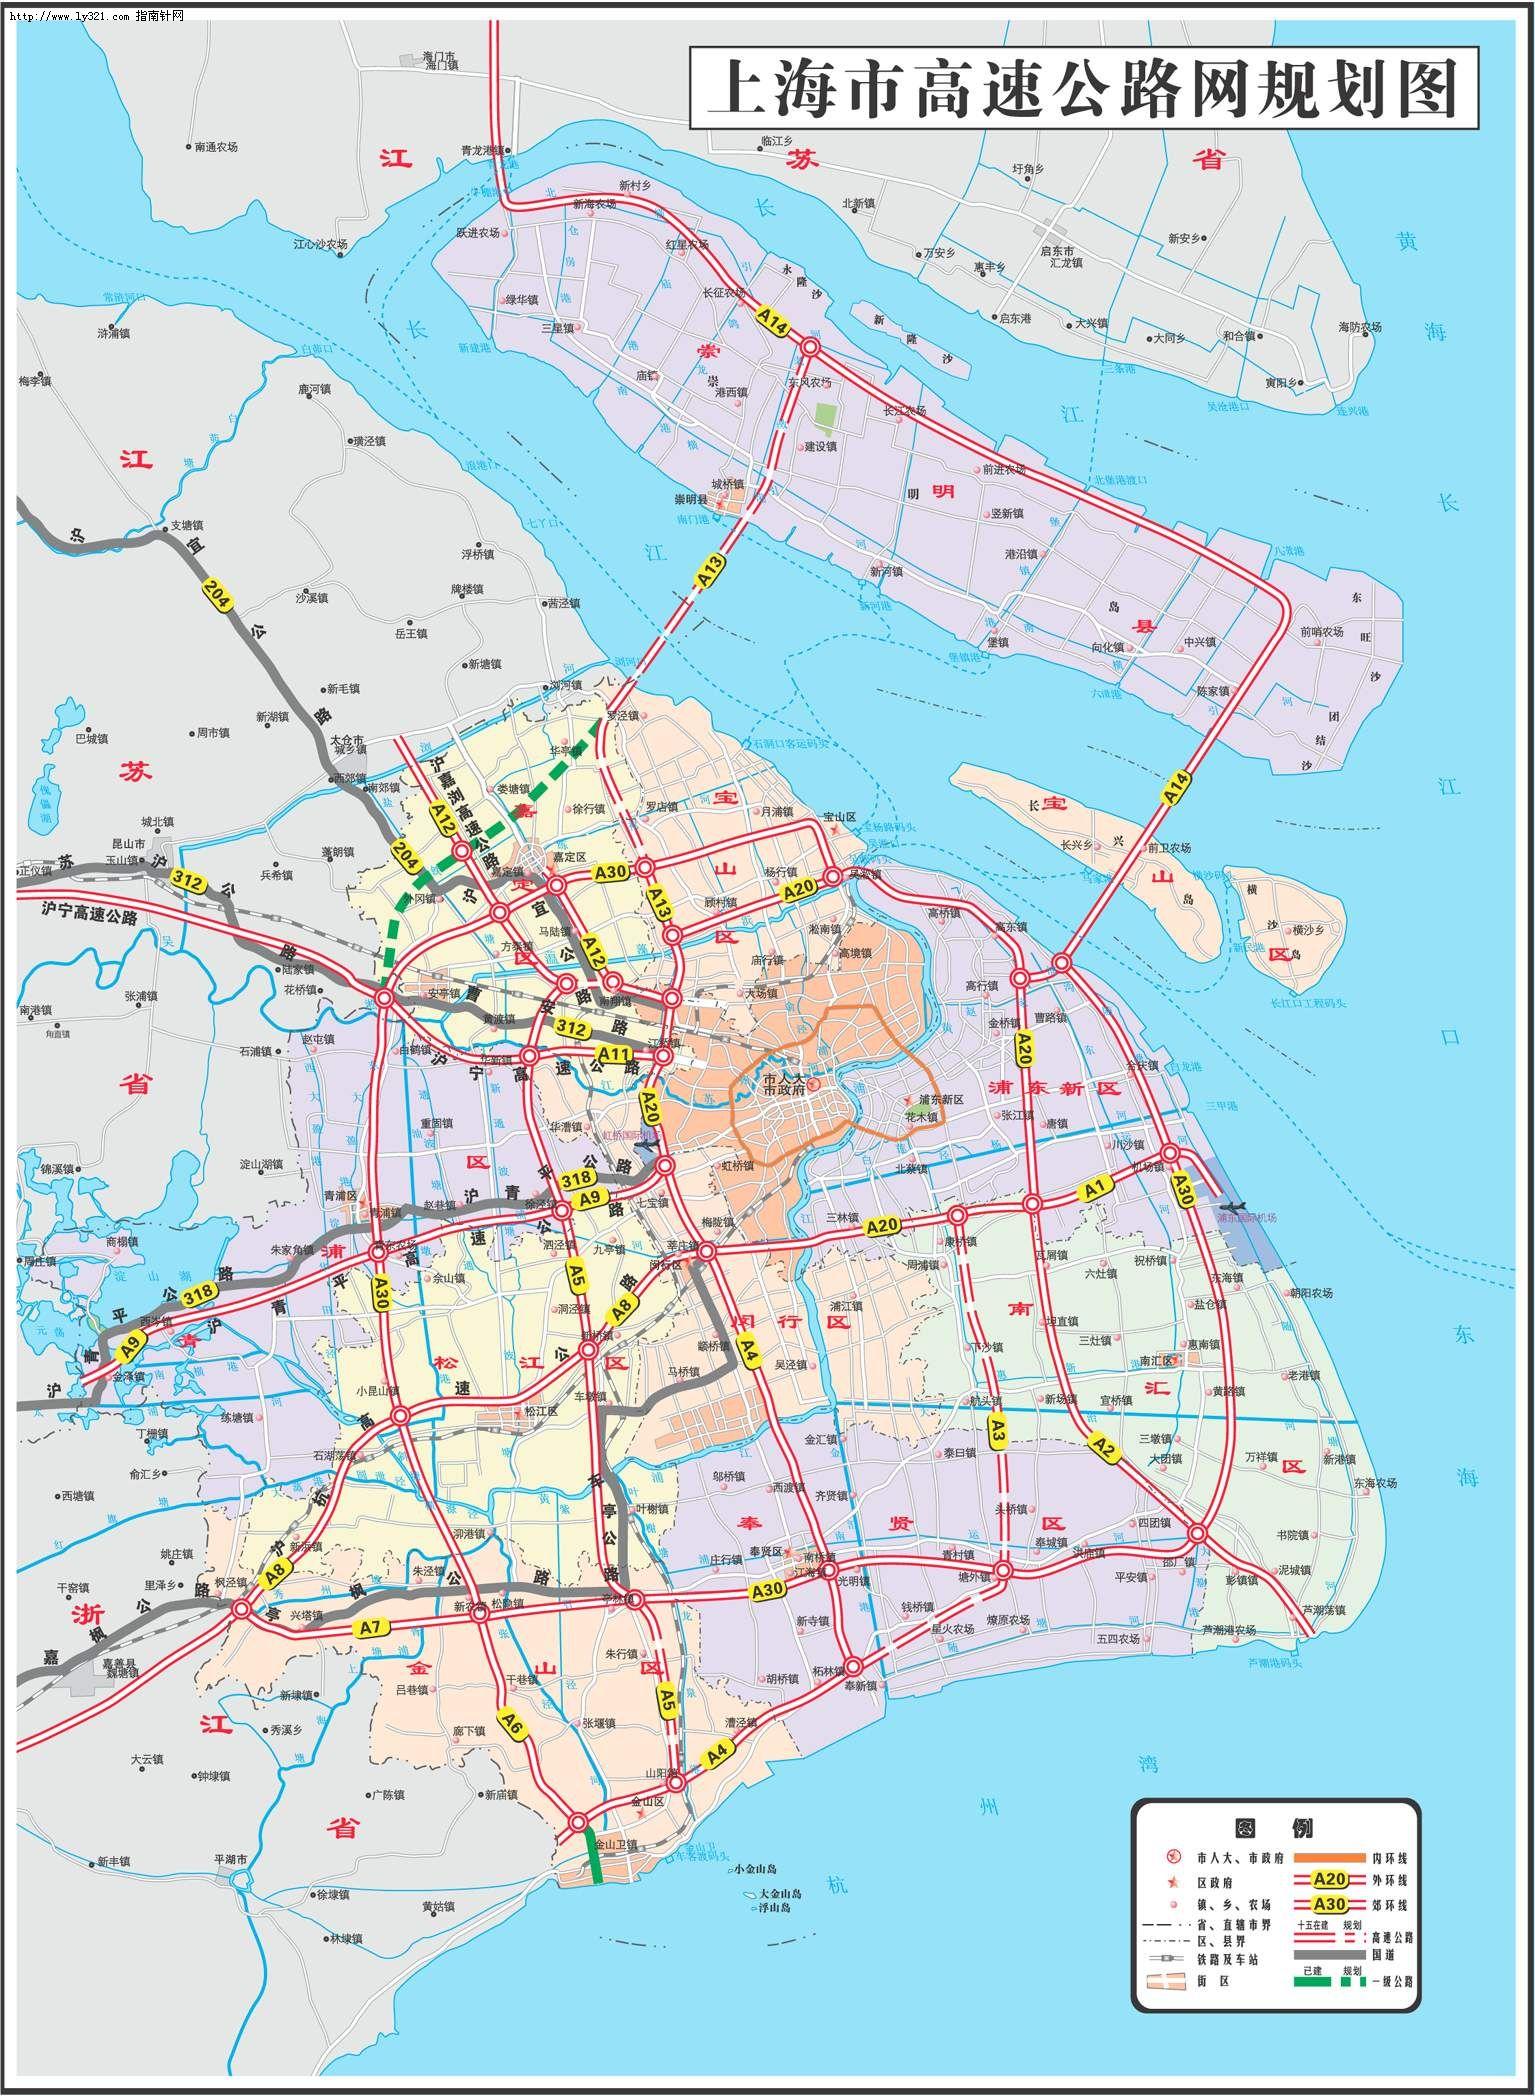 上海市高速公路网规划地图